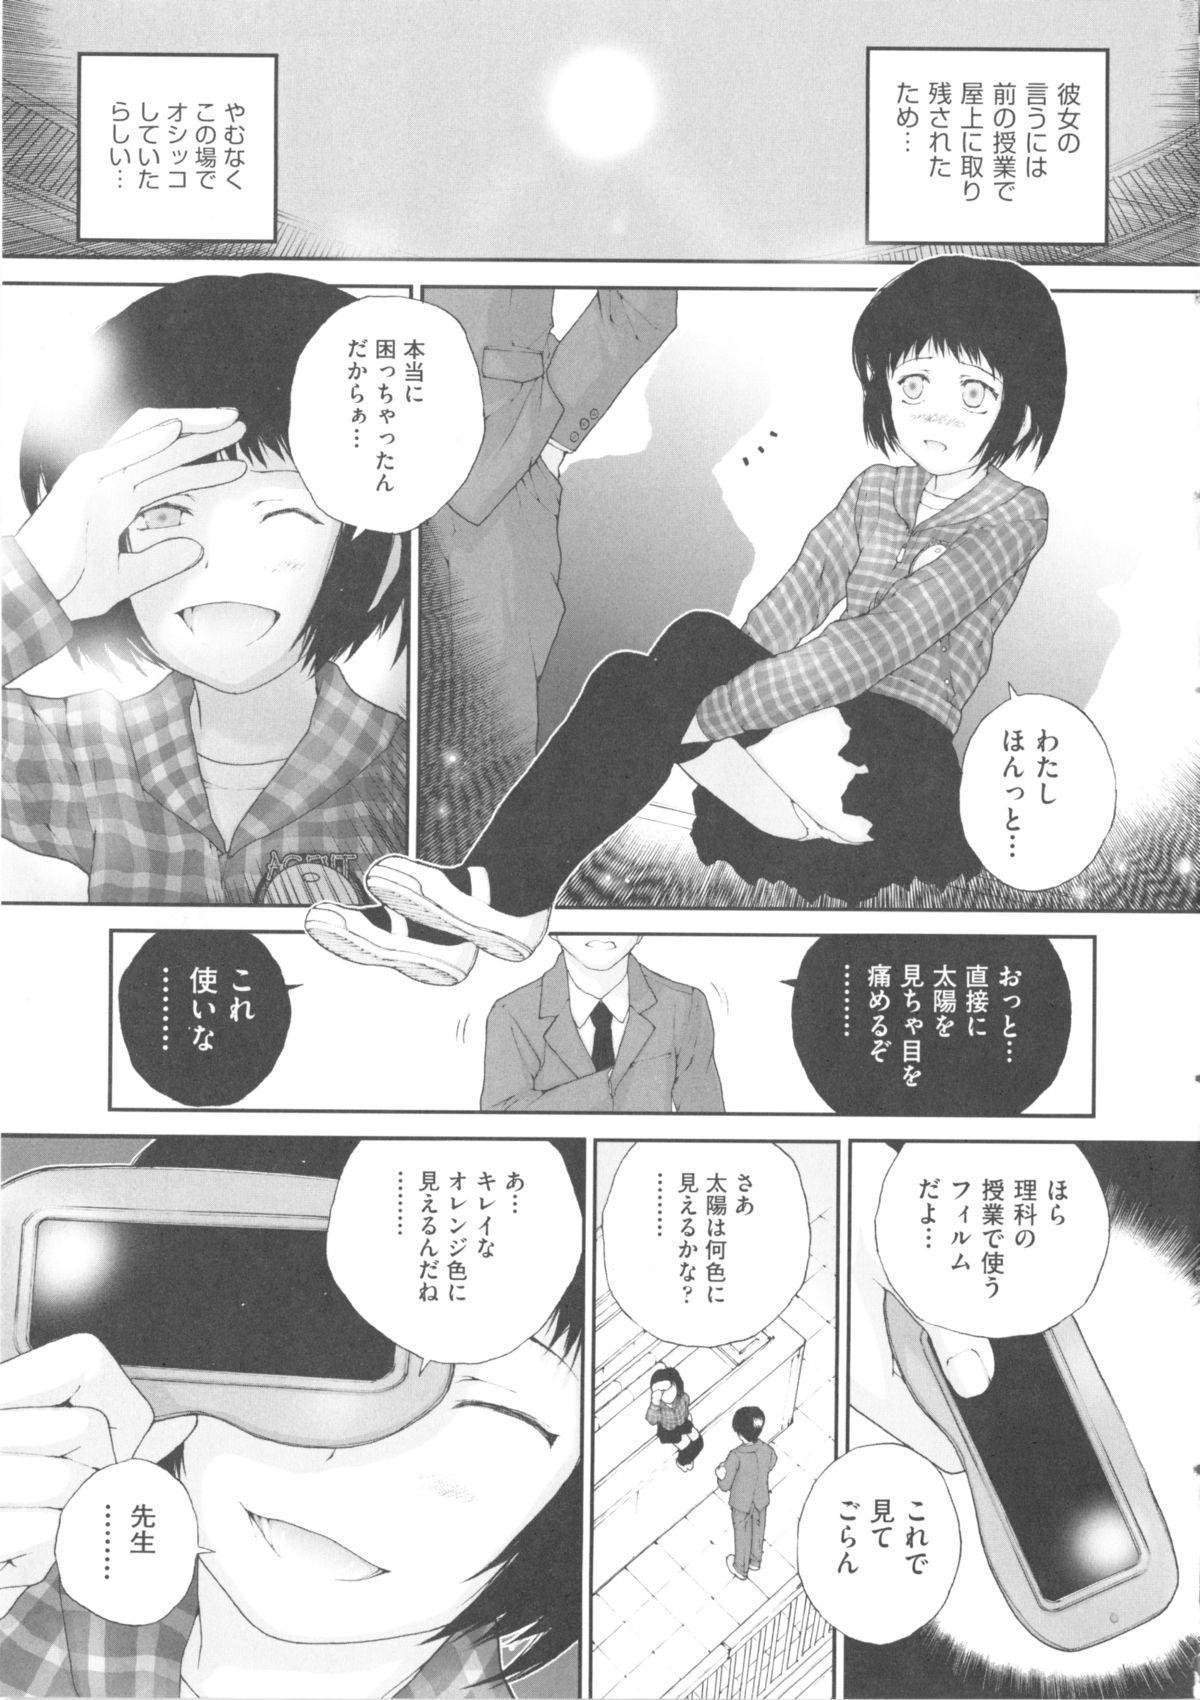 Comic Ino. 04 6